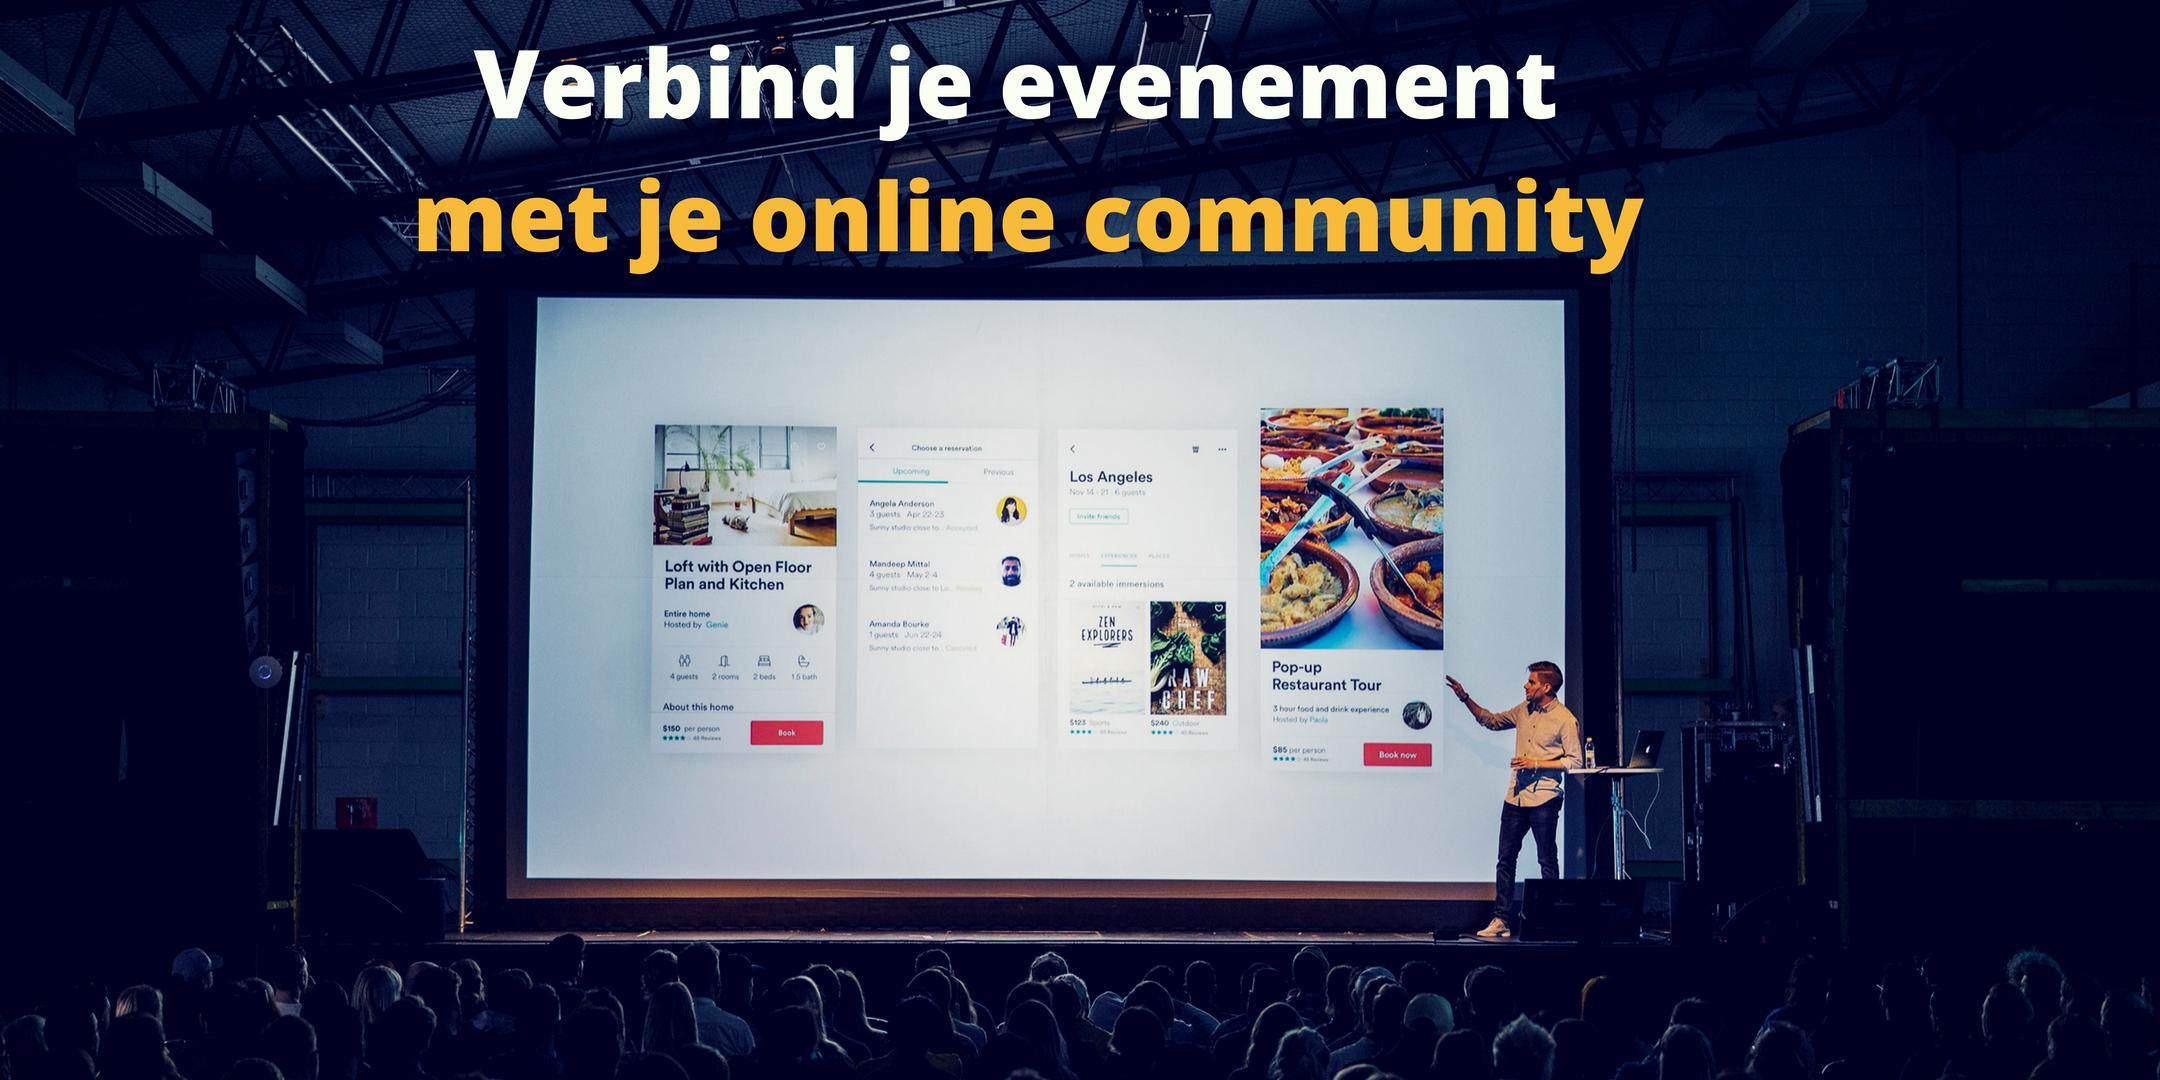 Verbind je evenement met je online community